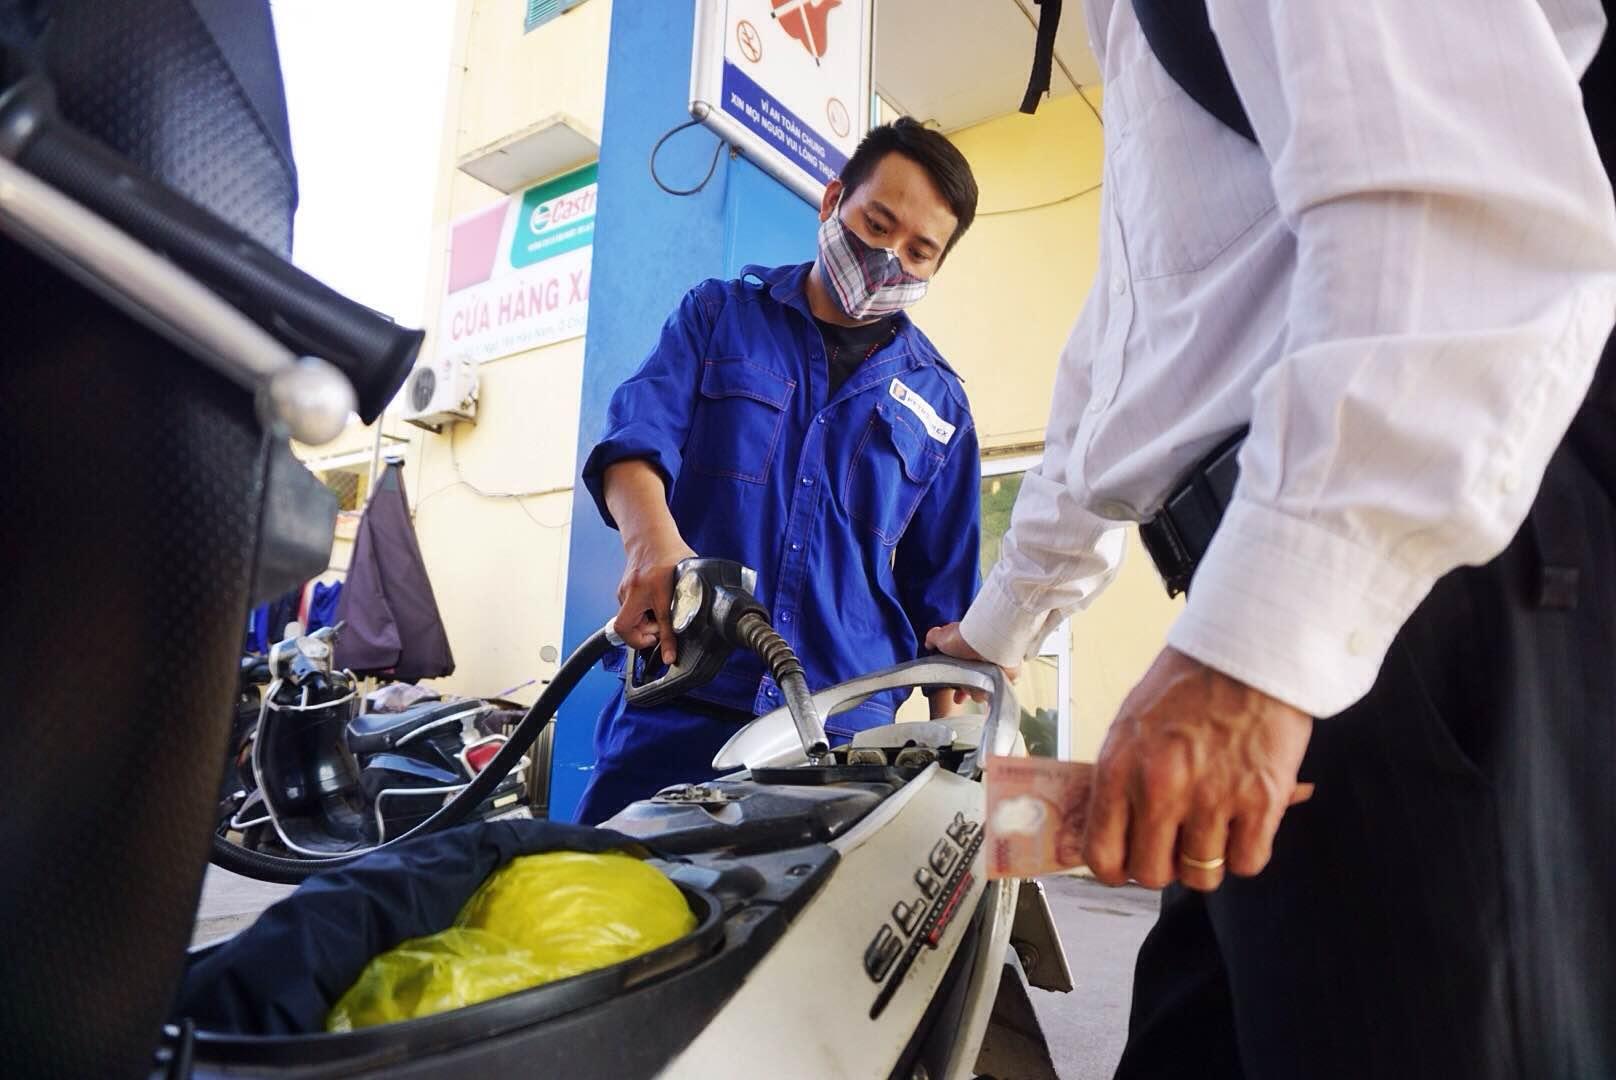 Giá xăng lại tăng mạnh trong ngày đầu tháng 9 - 1